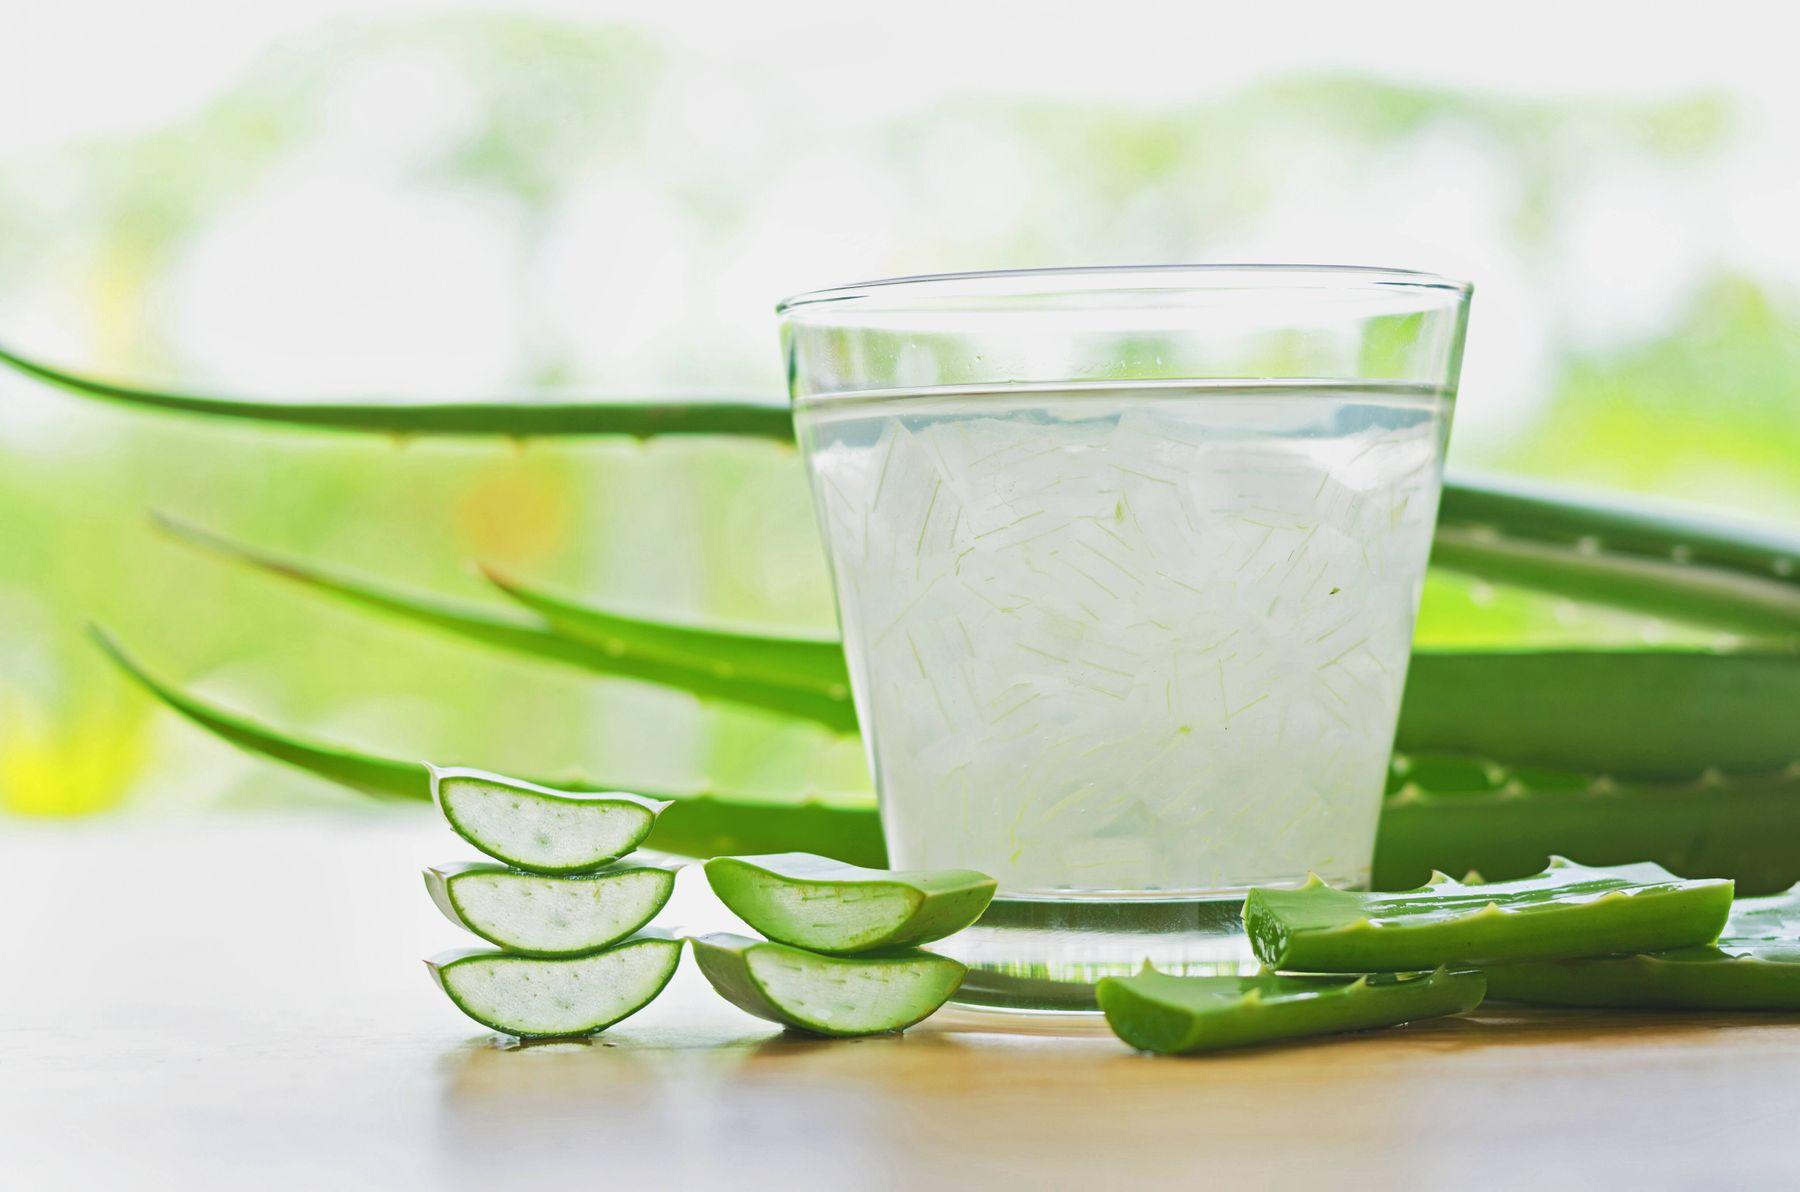 İçerdiği aminoasit, vitamin ve mineraller ile aloe vera insan sağlığı için son derece yararlı bir besin kaynağı.